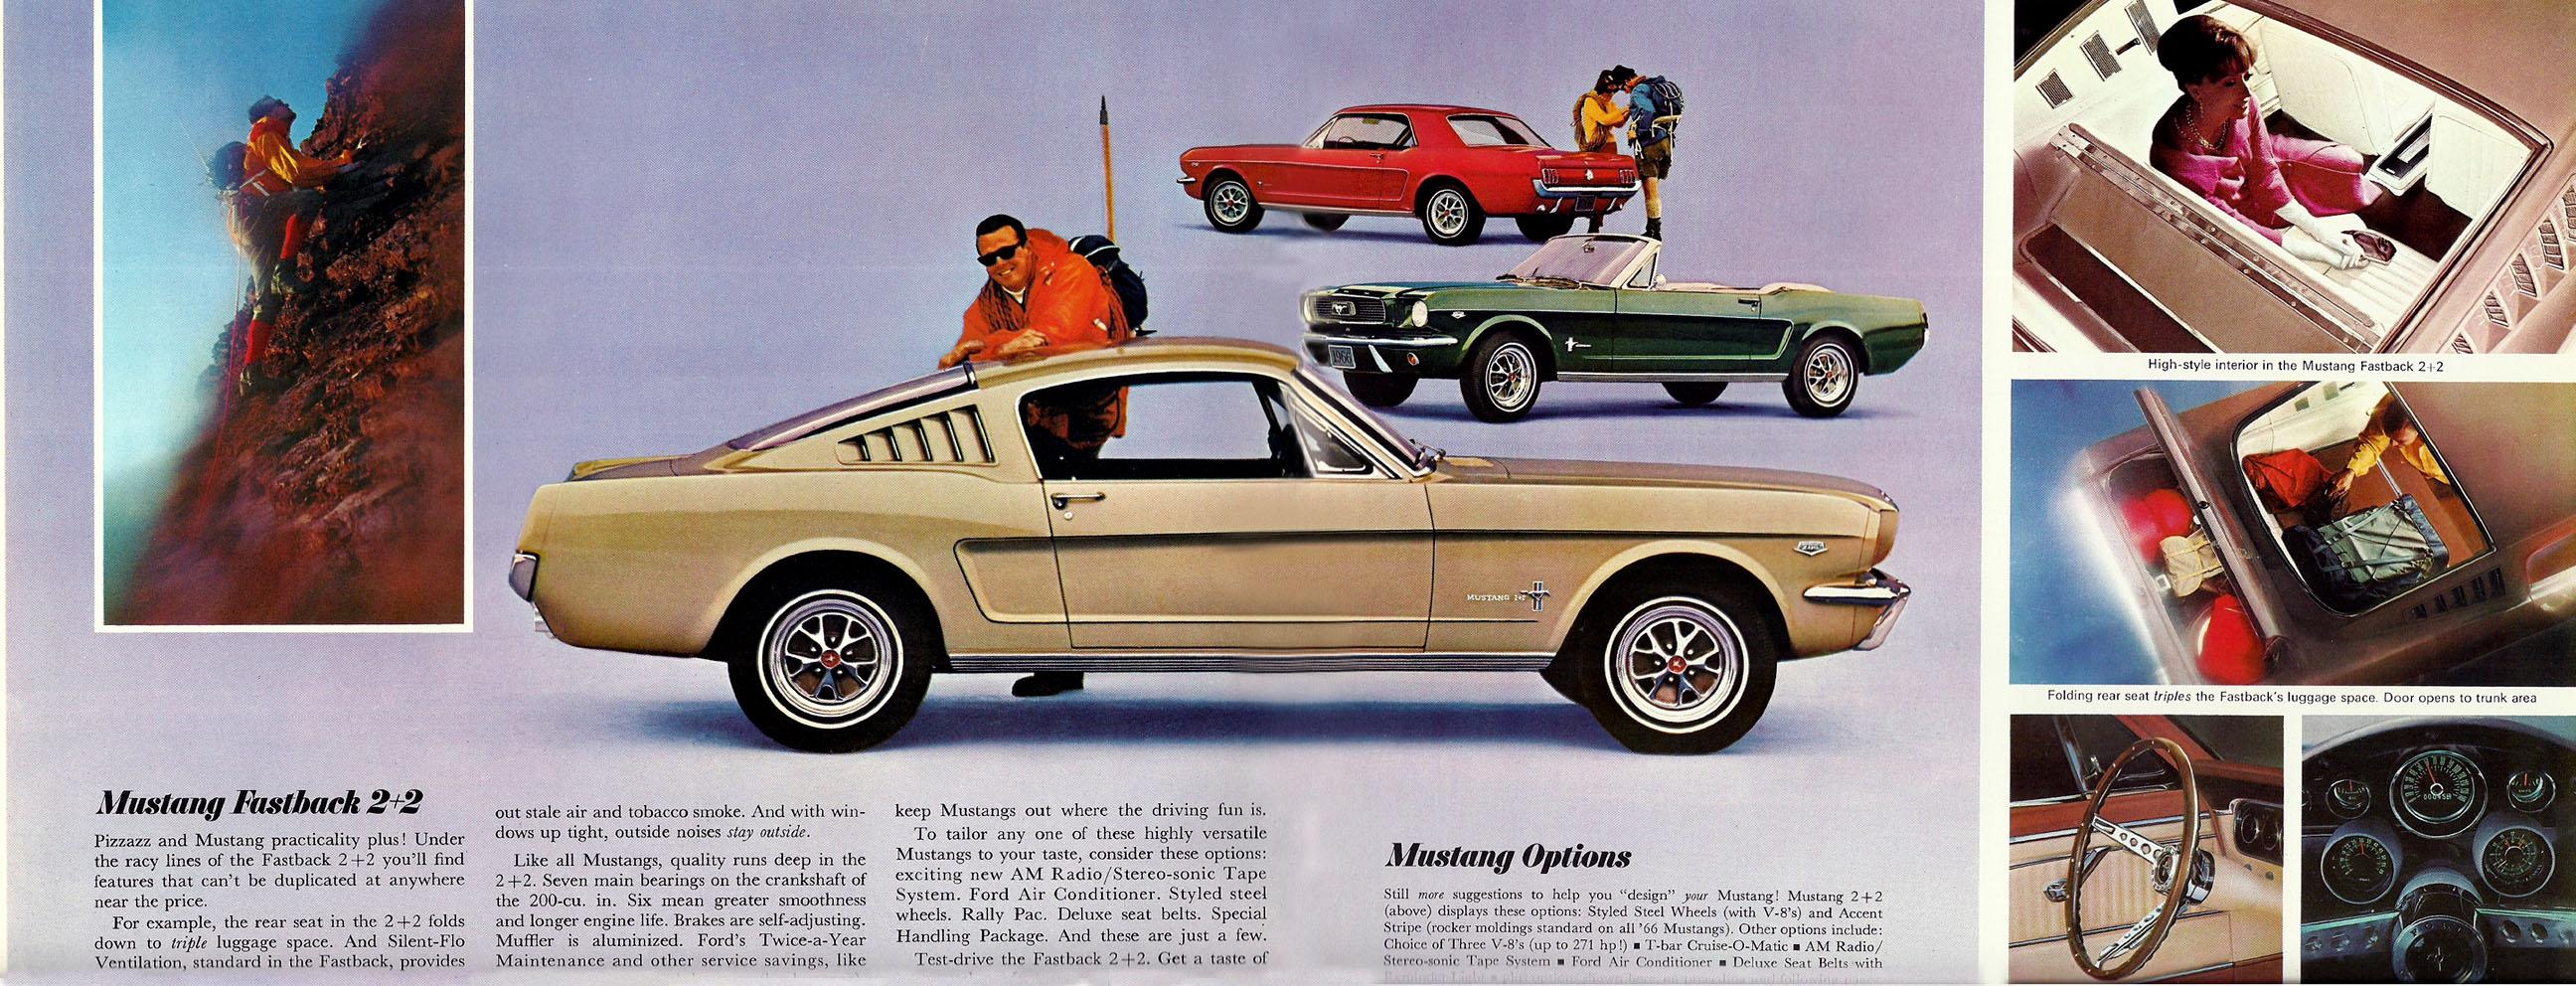 1966 Mustang Prospekt Seite 8-9